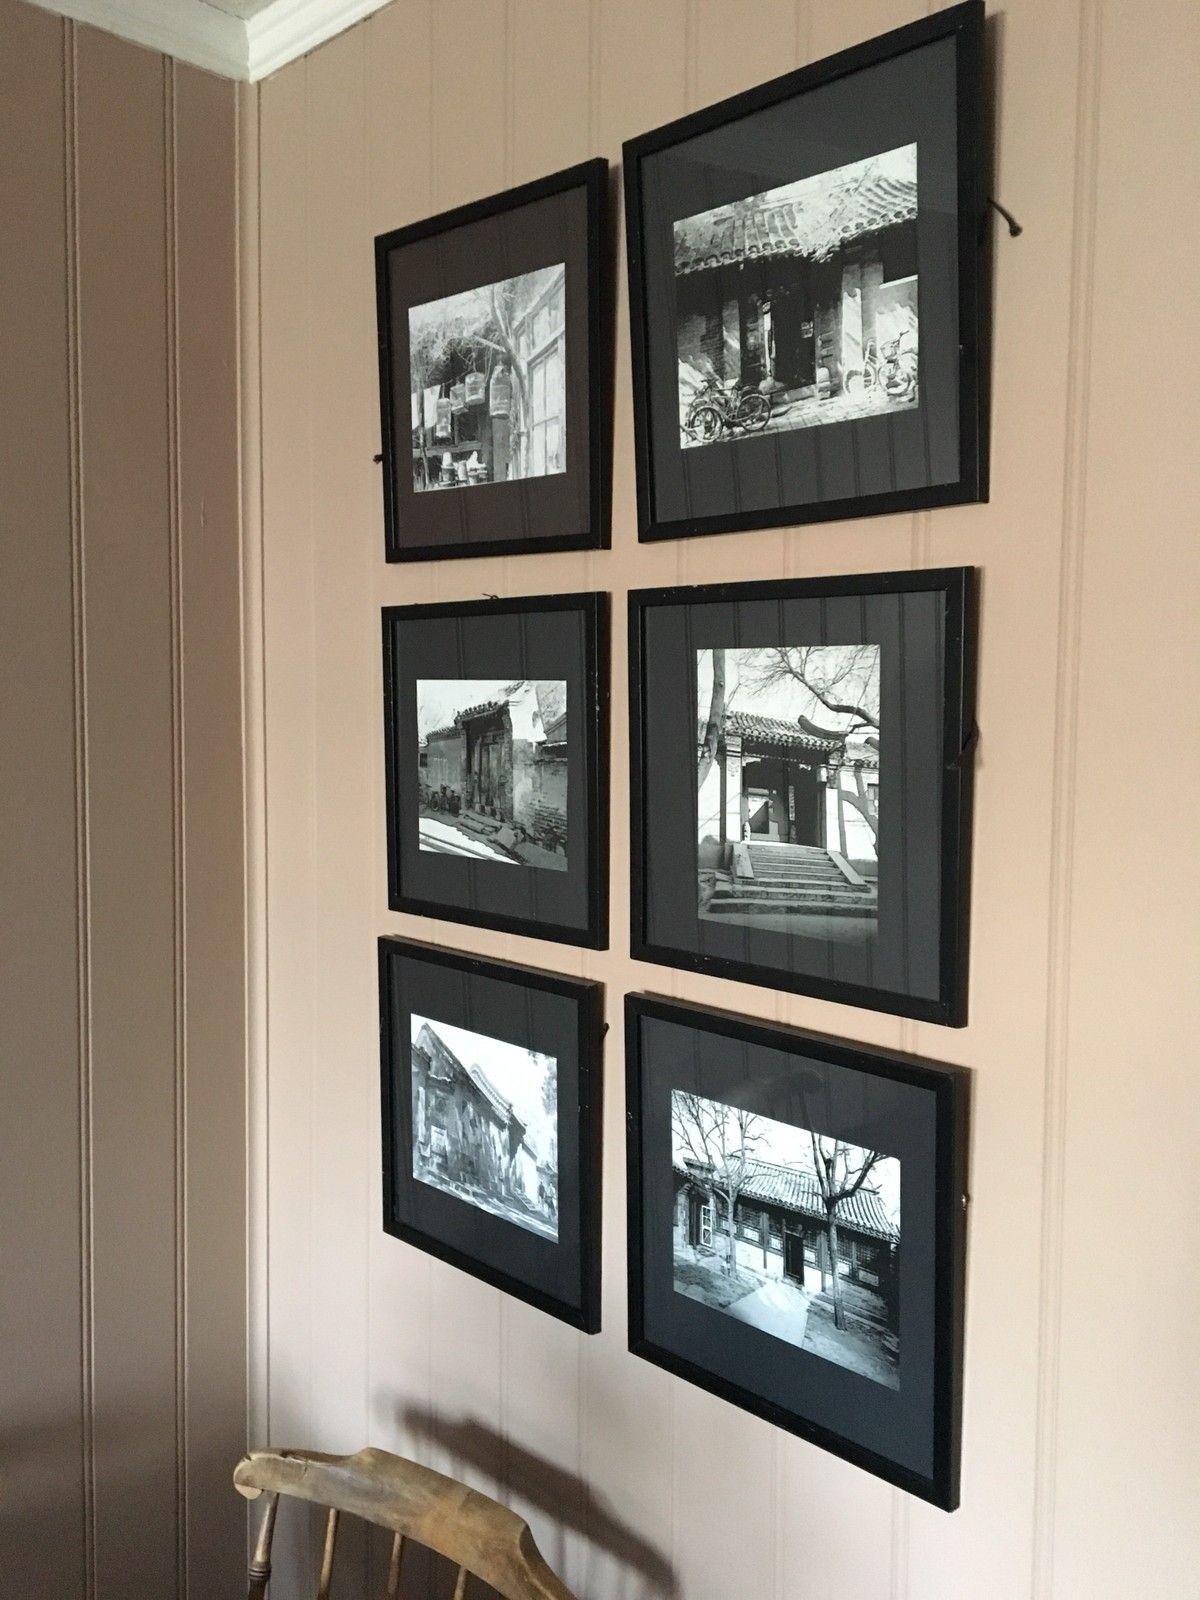 Bilder - Kongsberg  - Bilder fra Kina, noen riper i rammene selges samlet for 300,- mål: 34x34 - Kongsberg